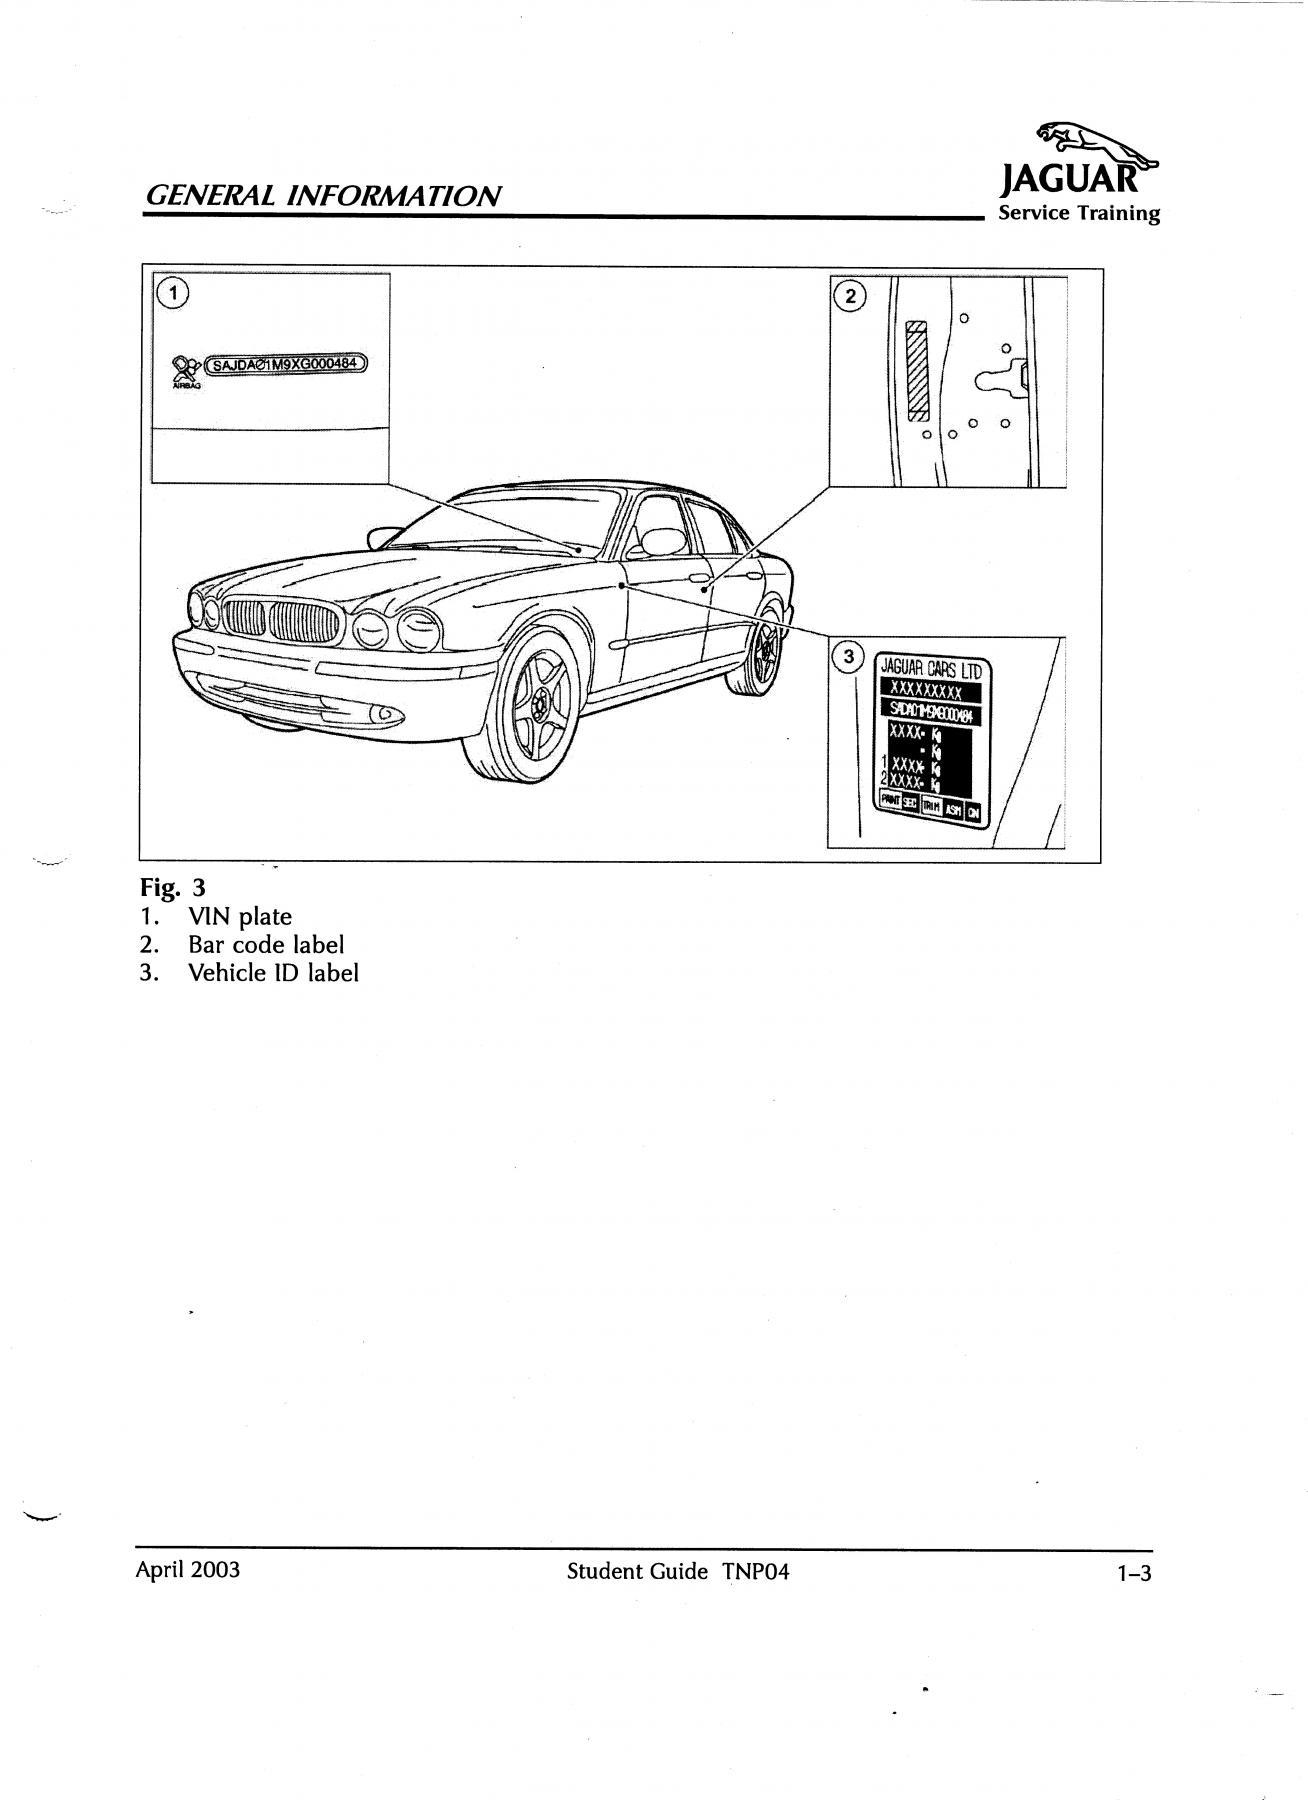 4 2l Jaguar Engine